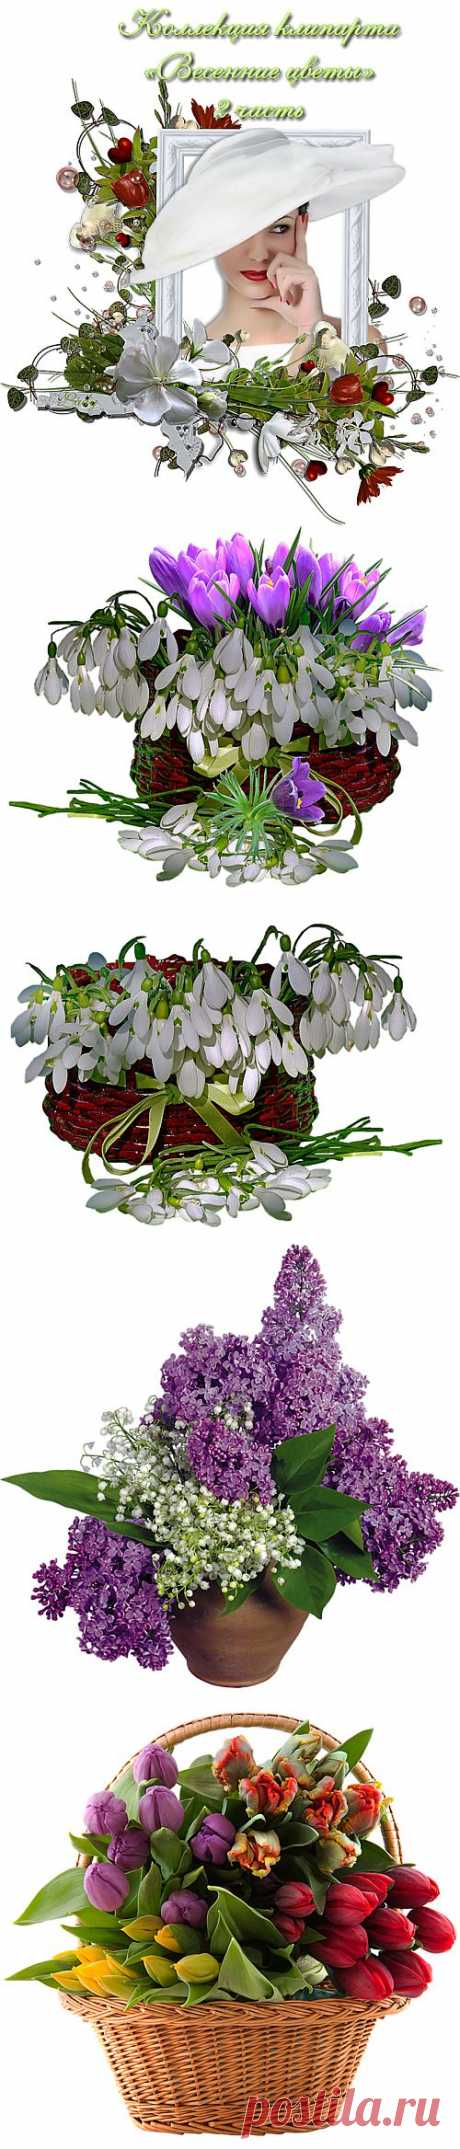 Коллекция клипарта «Весенние цветы» — 2 часть.